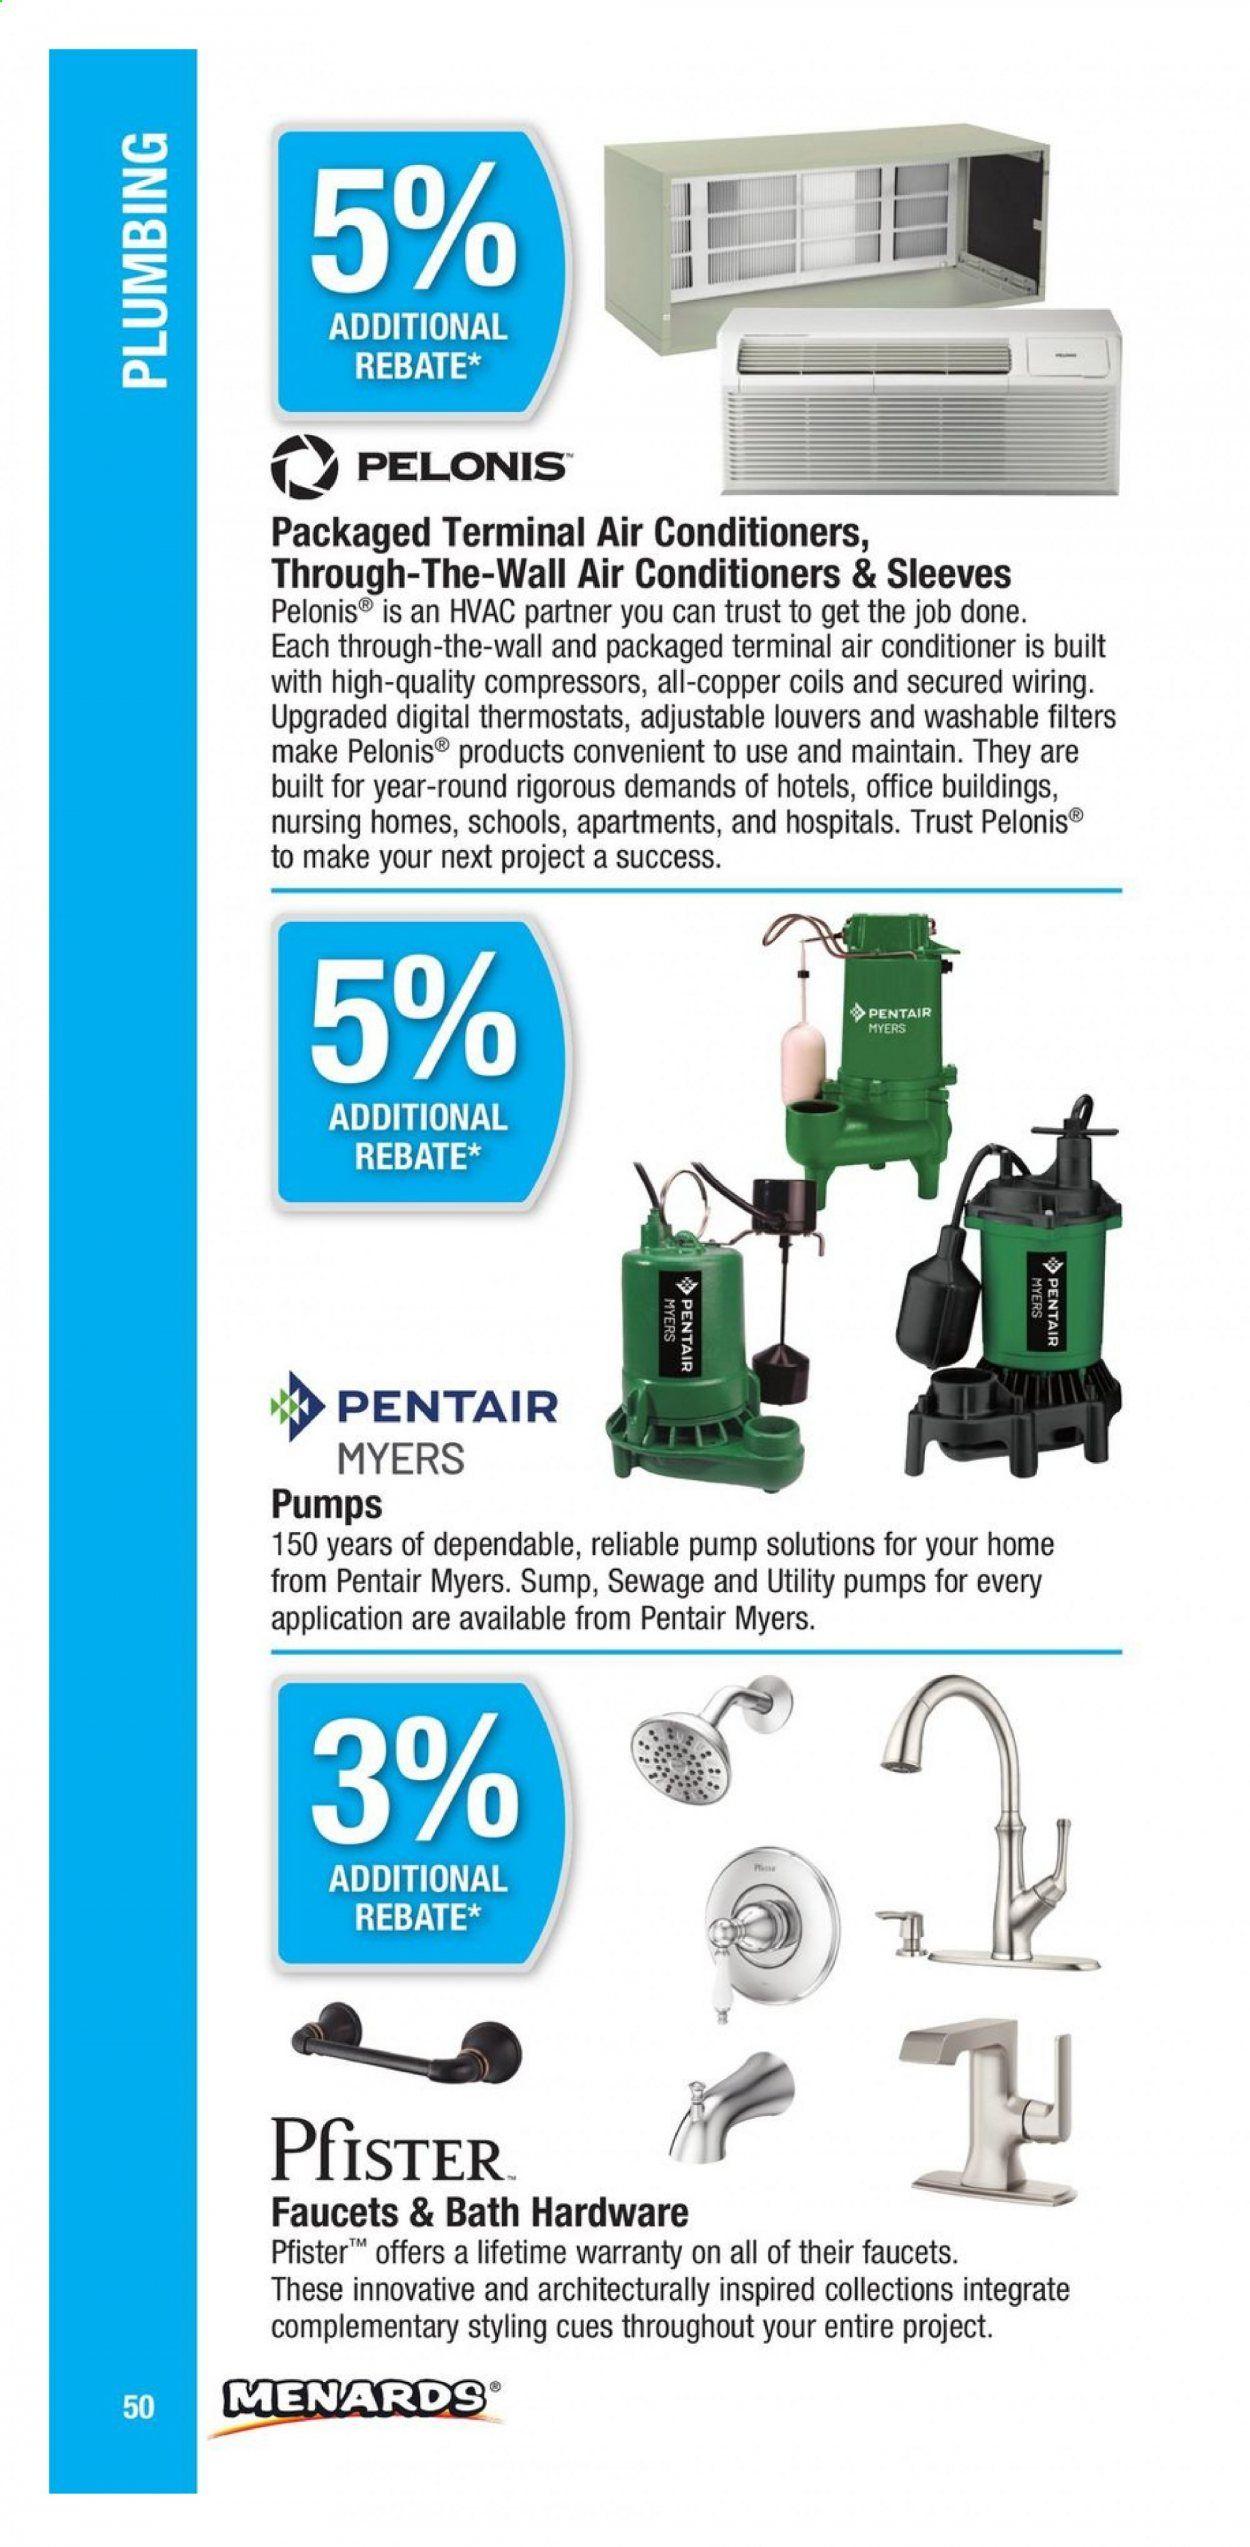 Menards Contractor Rebate Program 2021 - Page 50